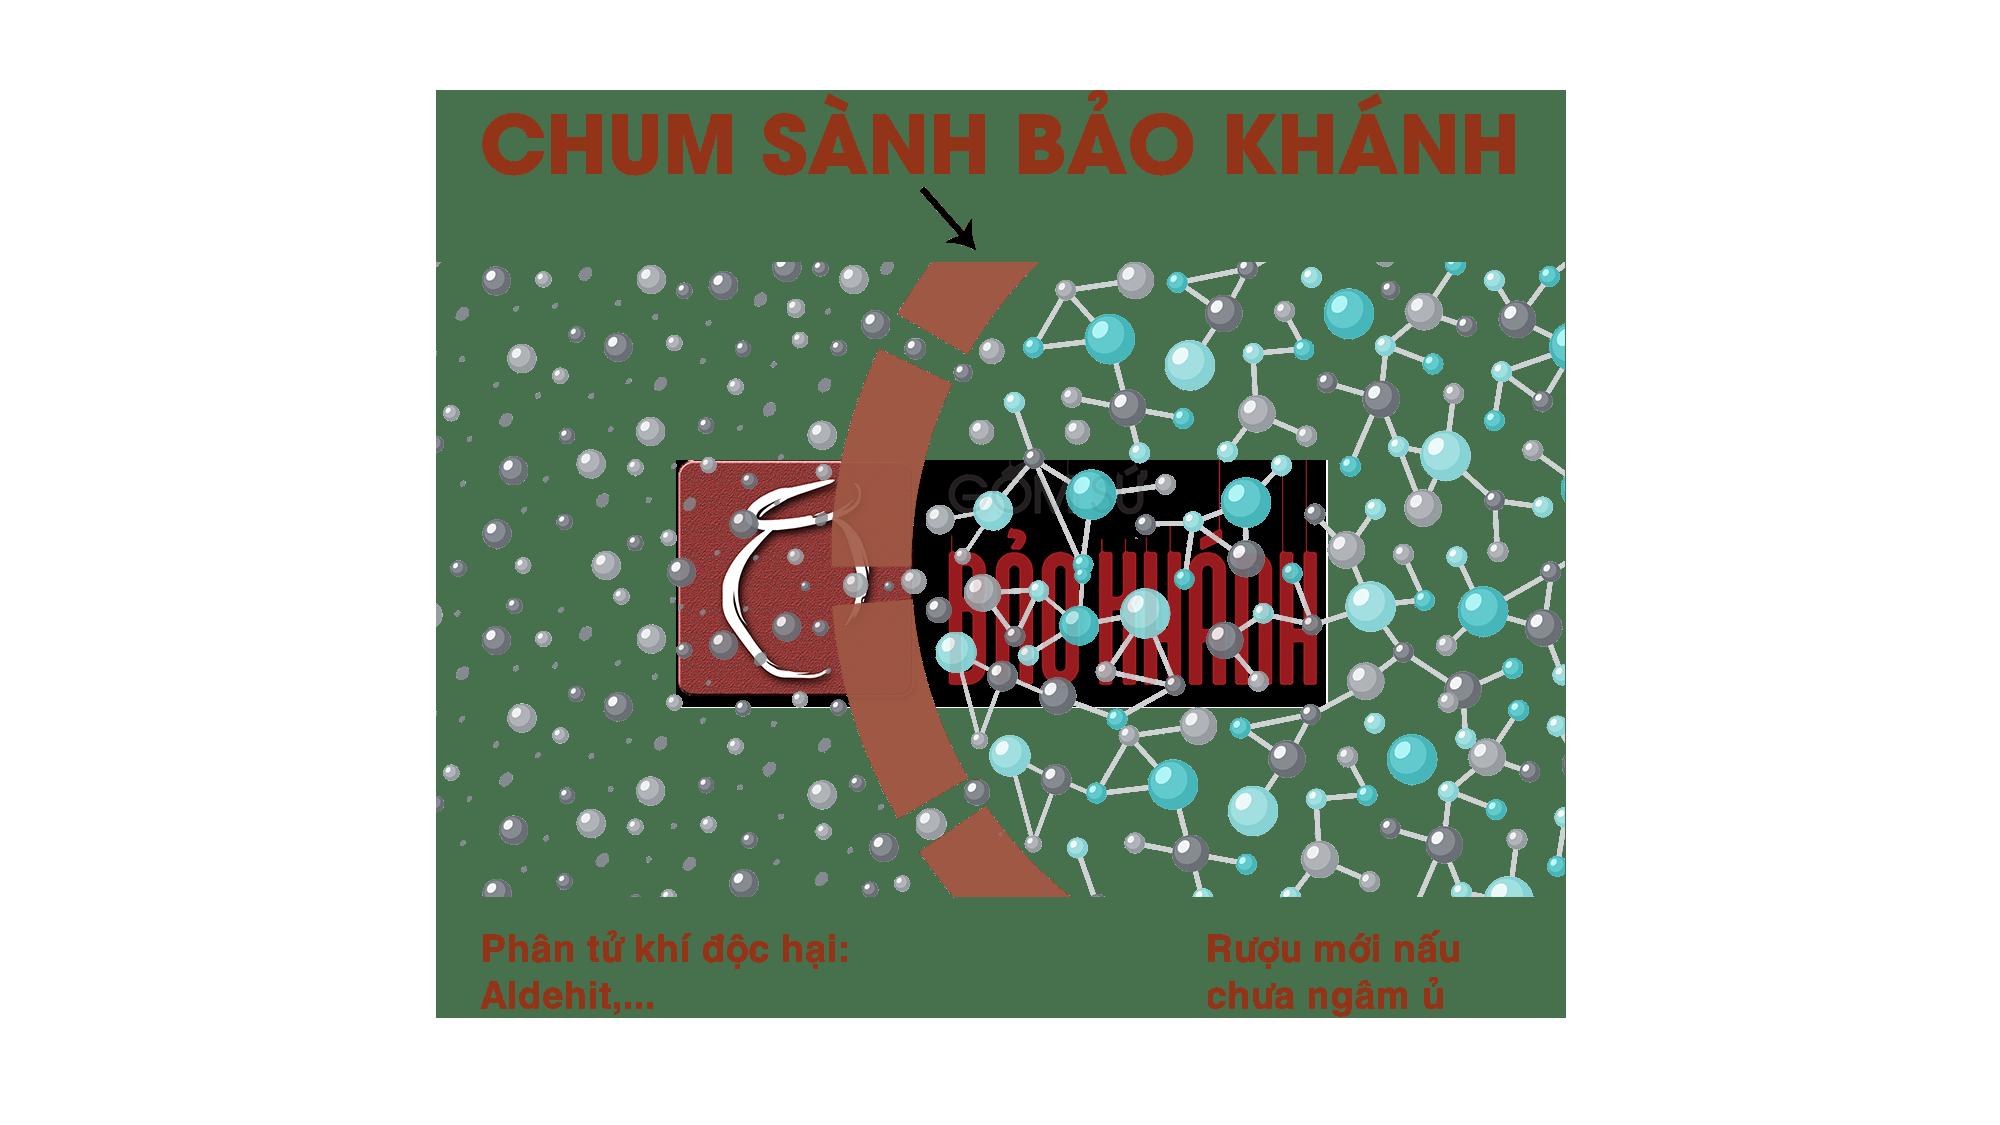 Quá trình thẩm thấu Aldehit qua thành Chum Sành Bảo Khánh